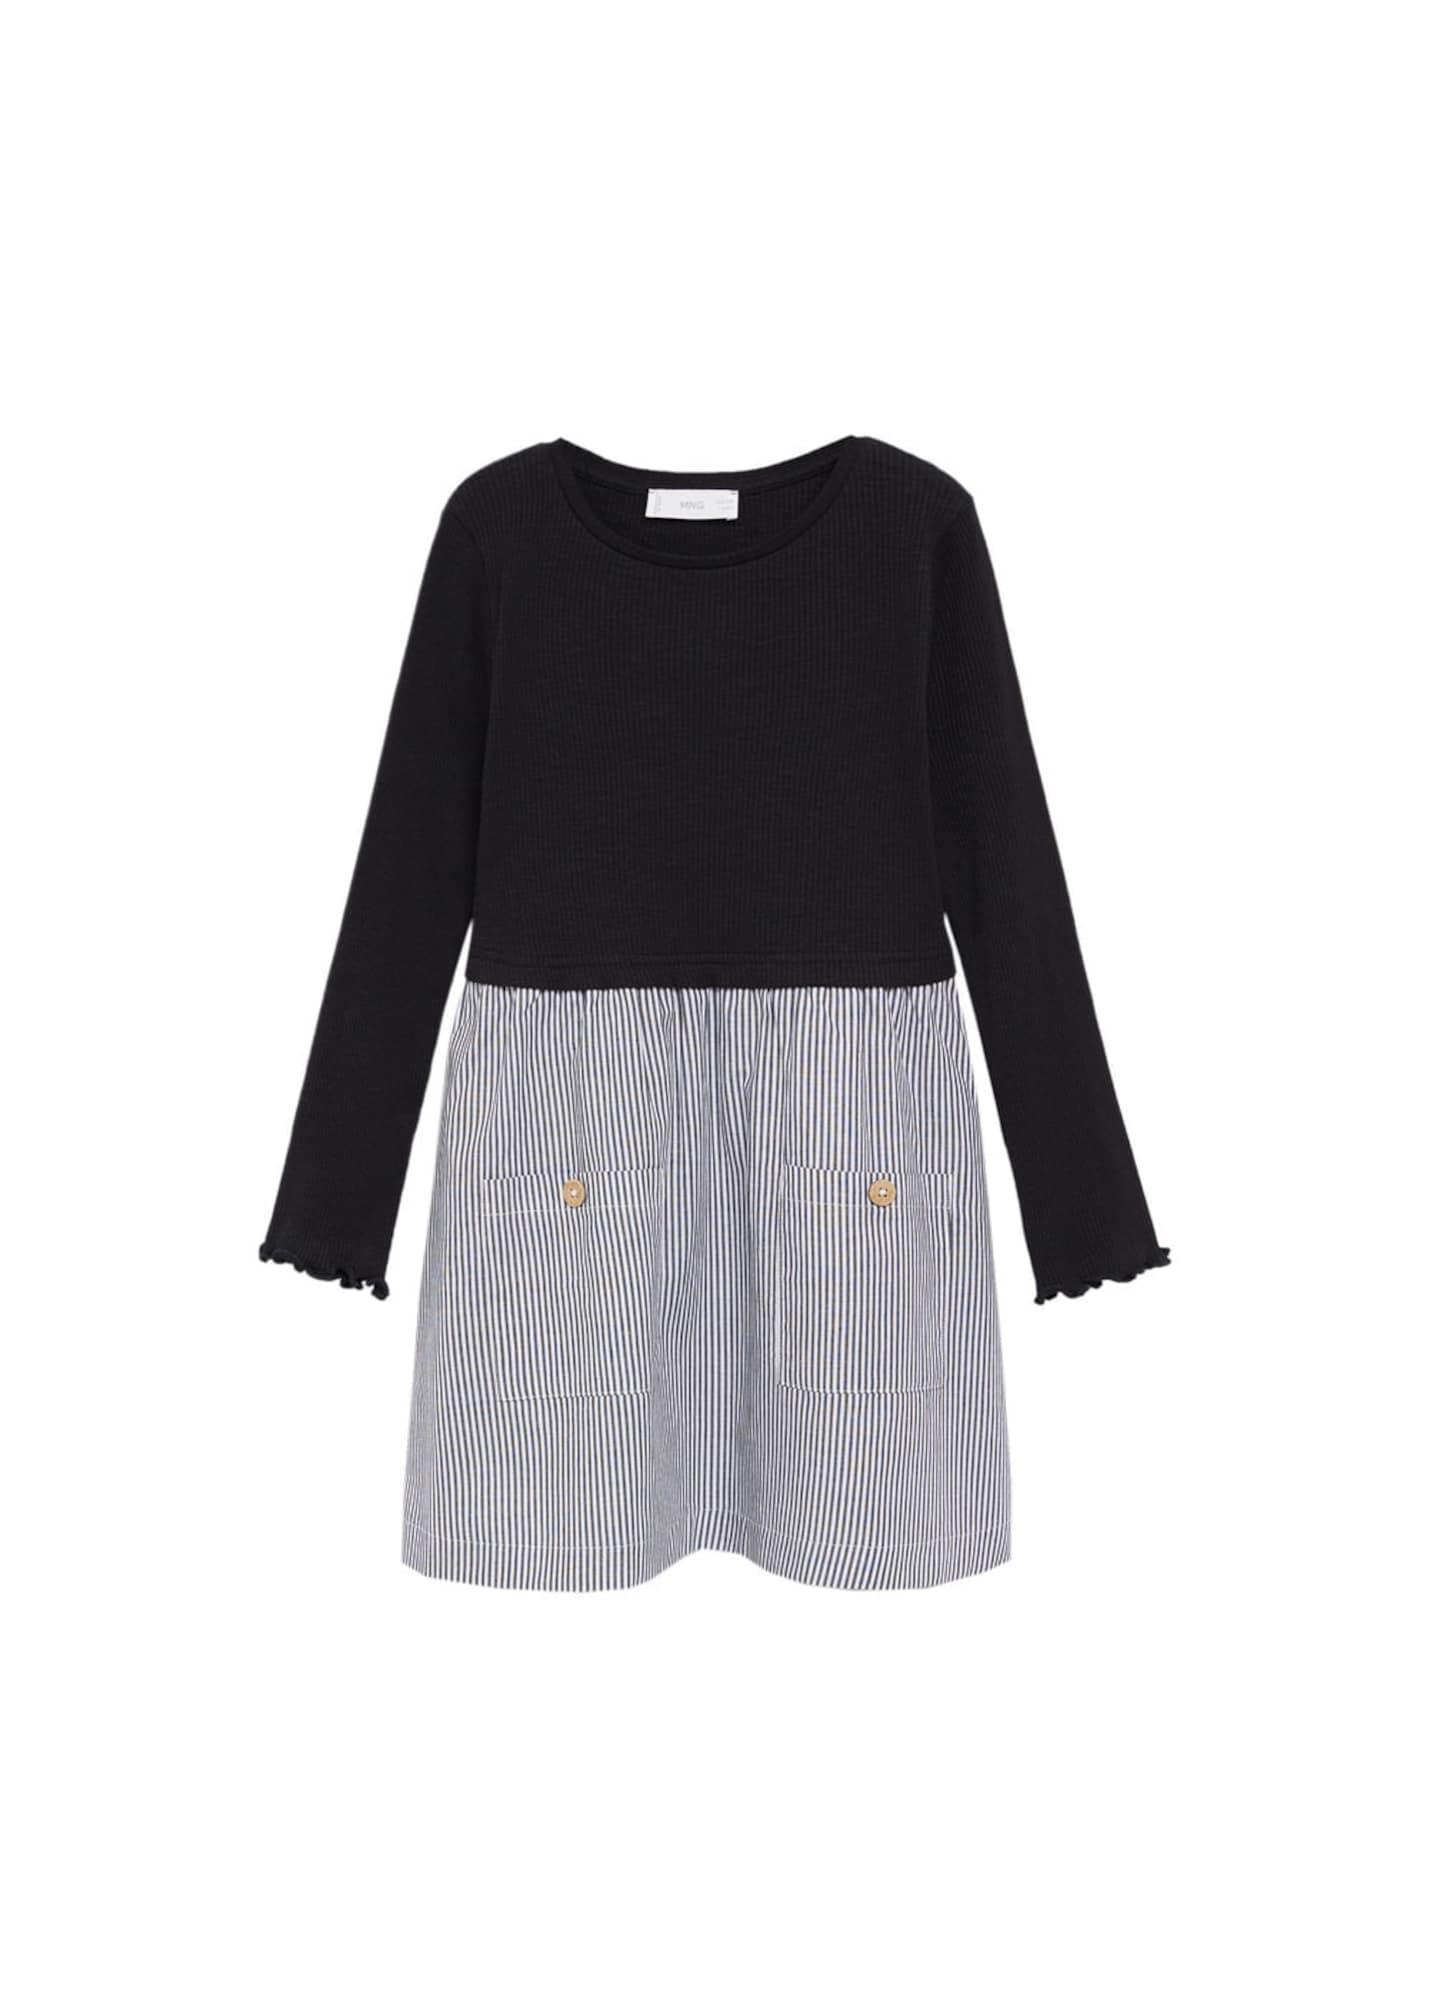 MANGO KIDS Šaty 'Belinda'  černá / bílá / tmavě šedá